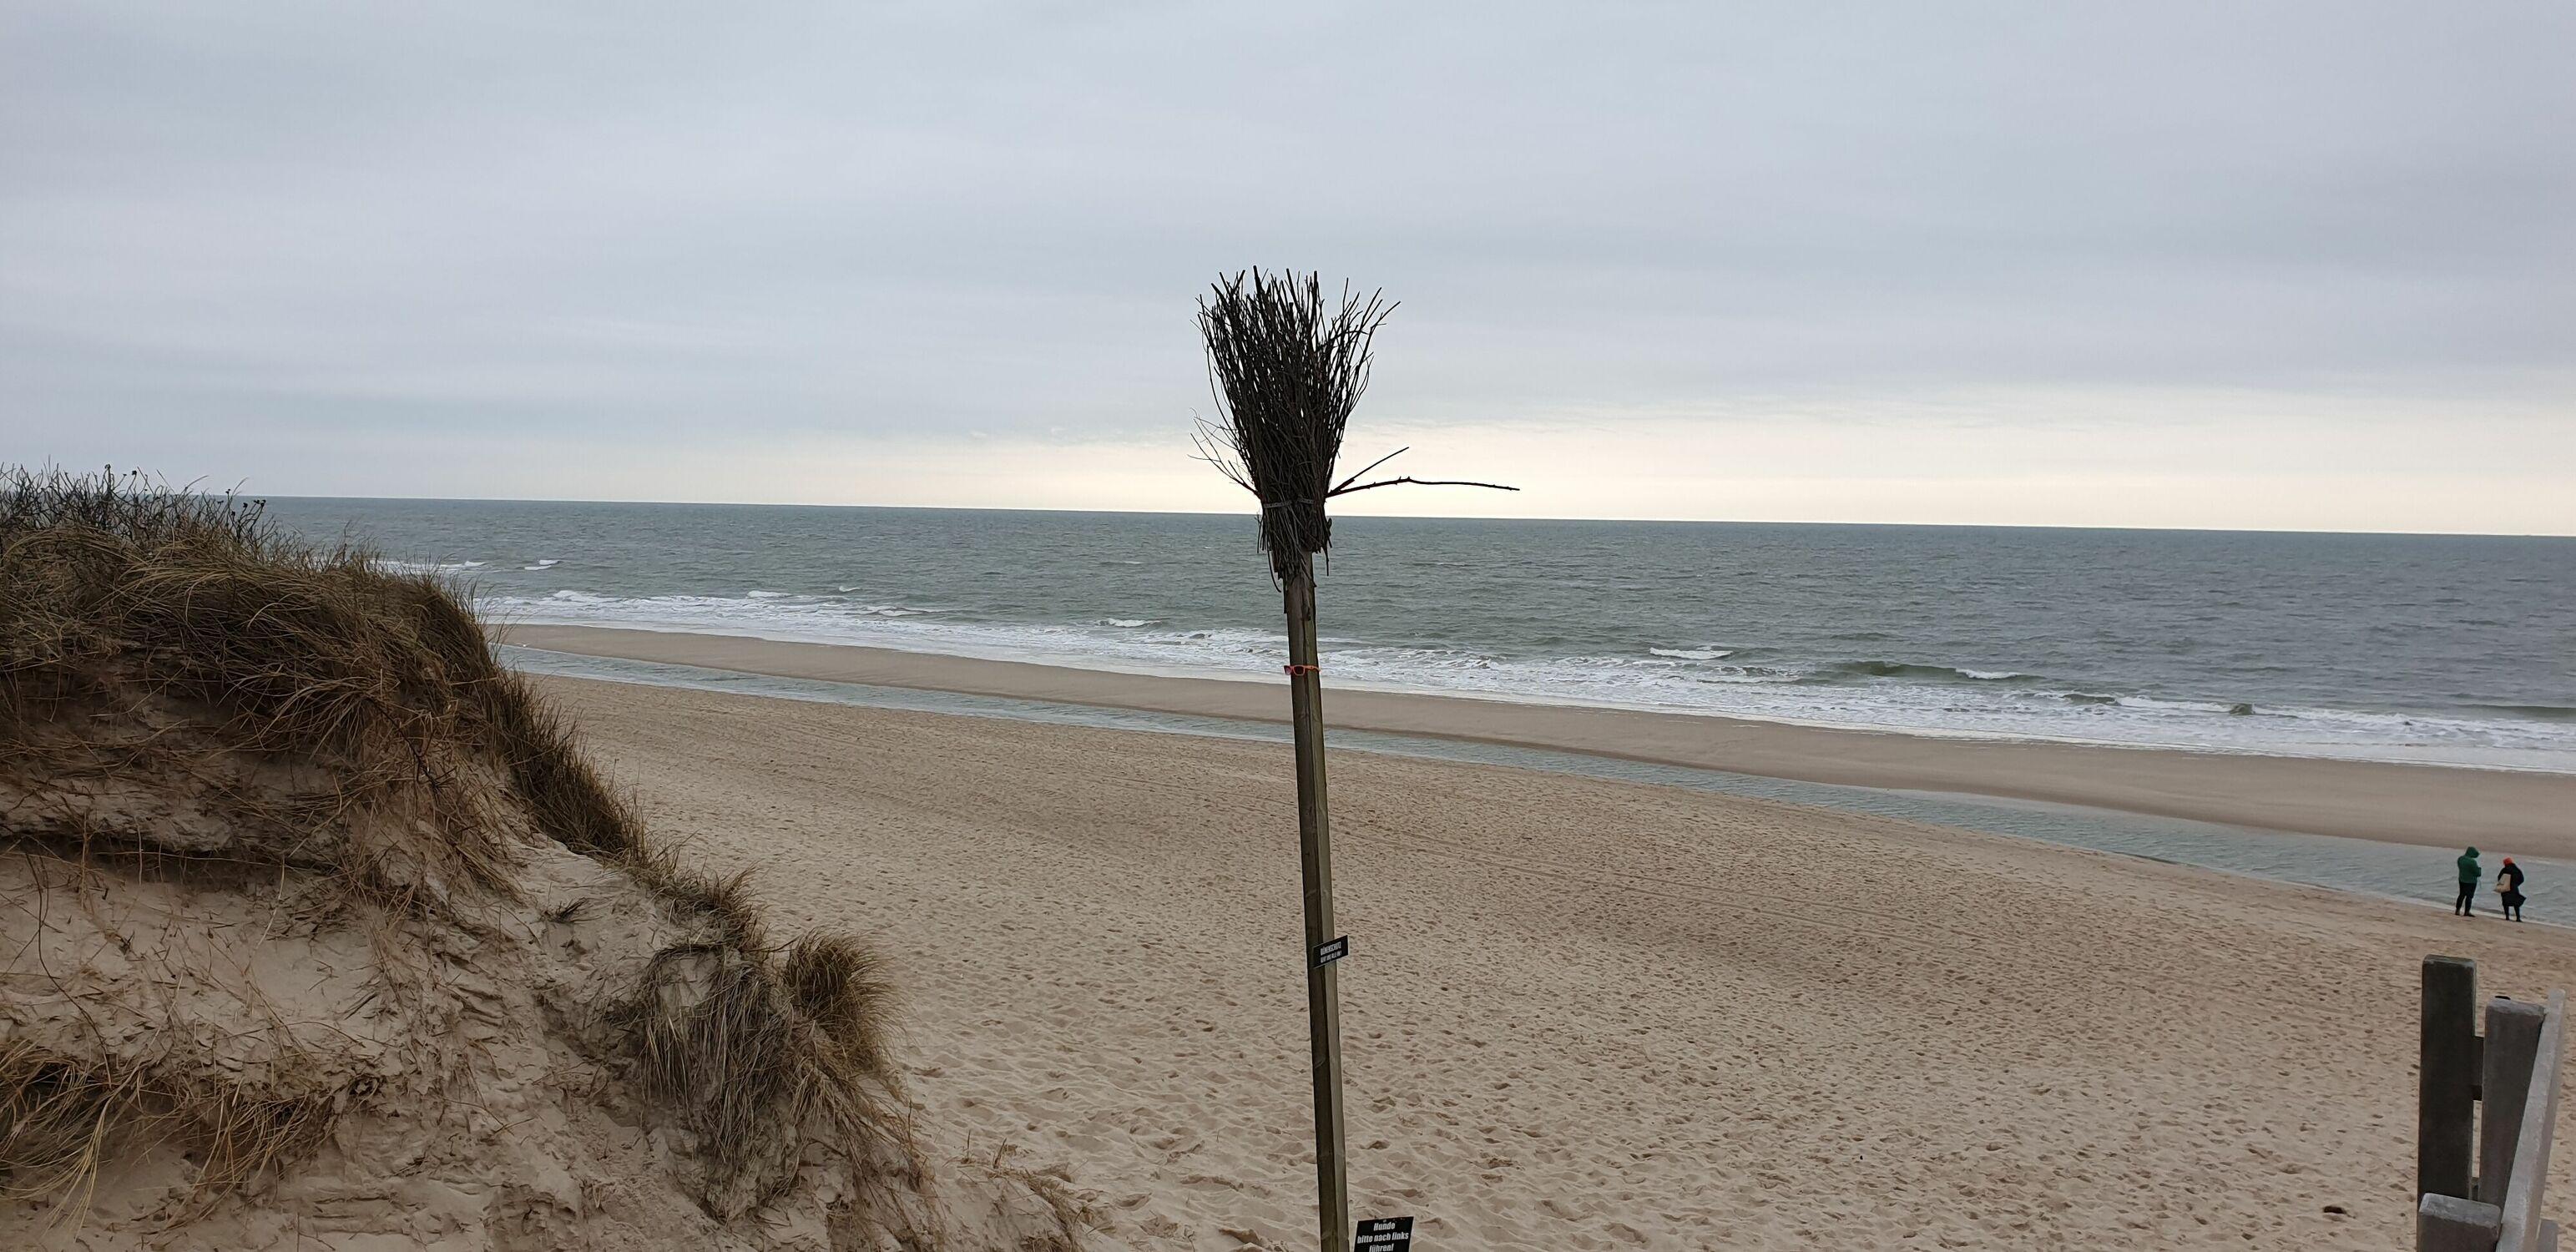 Bild mit Sonne, Nordsee, Dünen Schilf, Strand & Meer, Nordseeküste, Strand und Meer